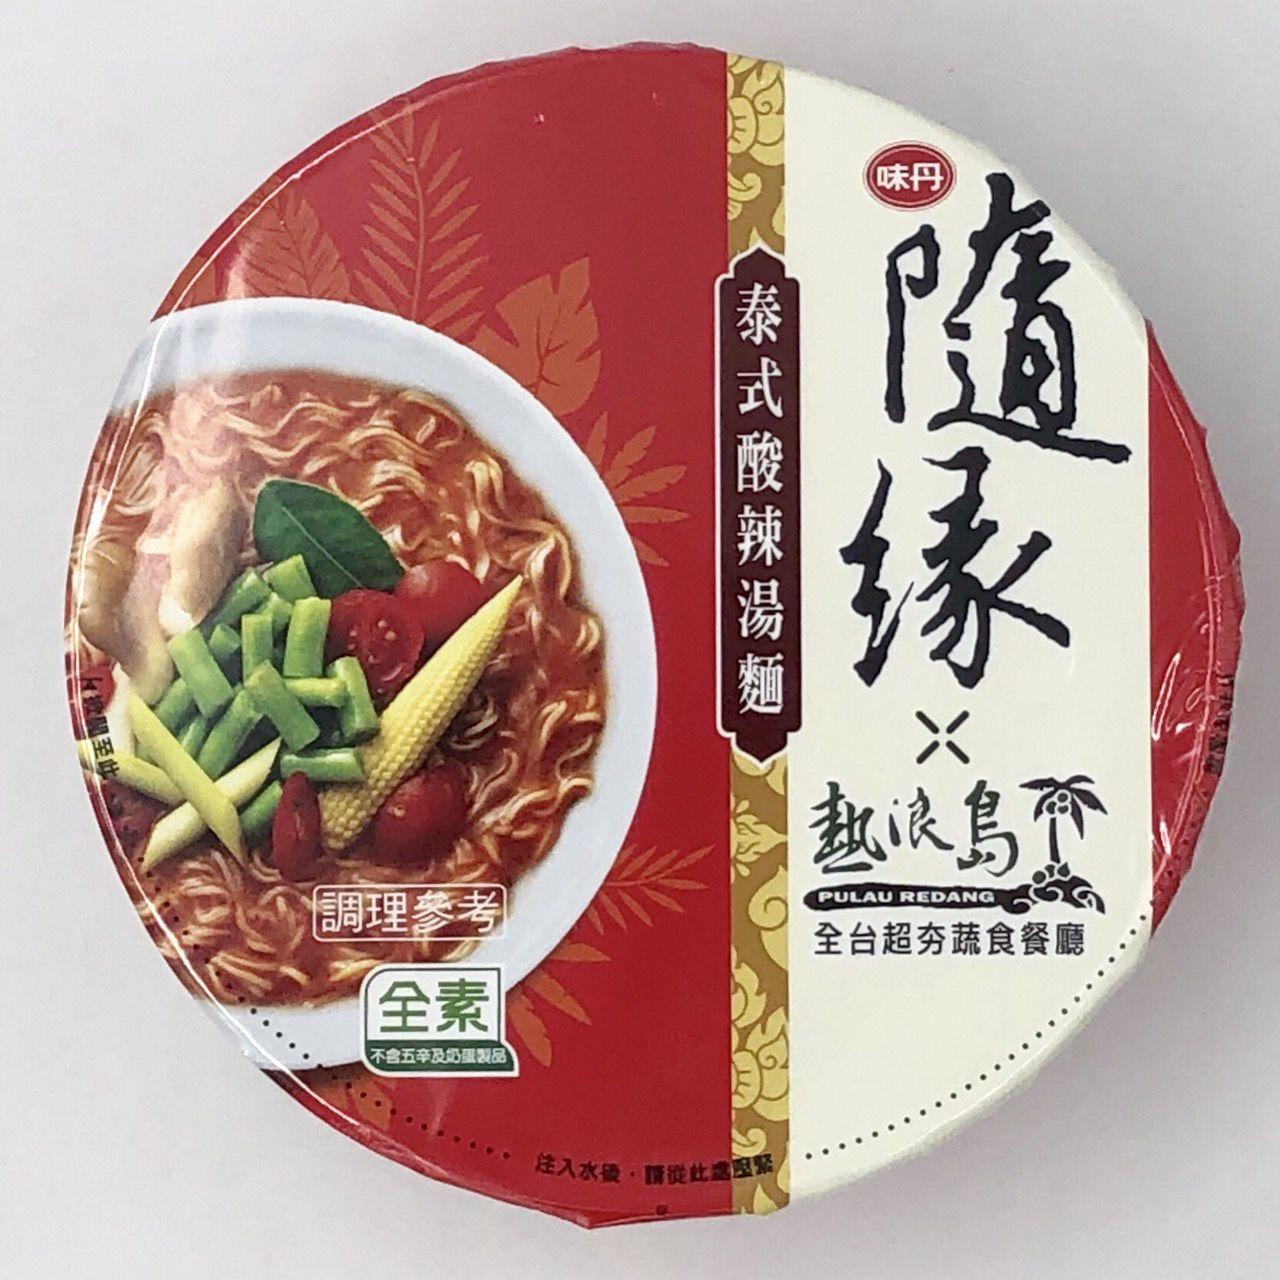 (隨緣)泰式酸辣湯麵98g(全素)